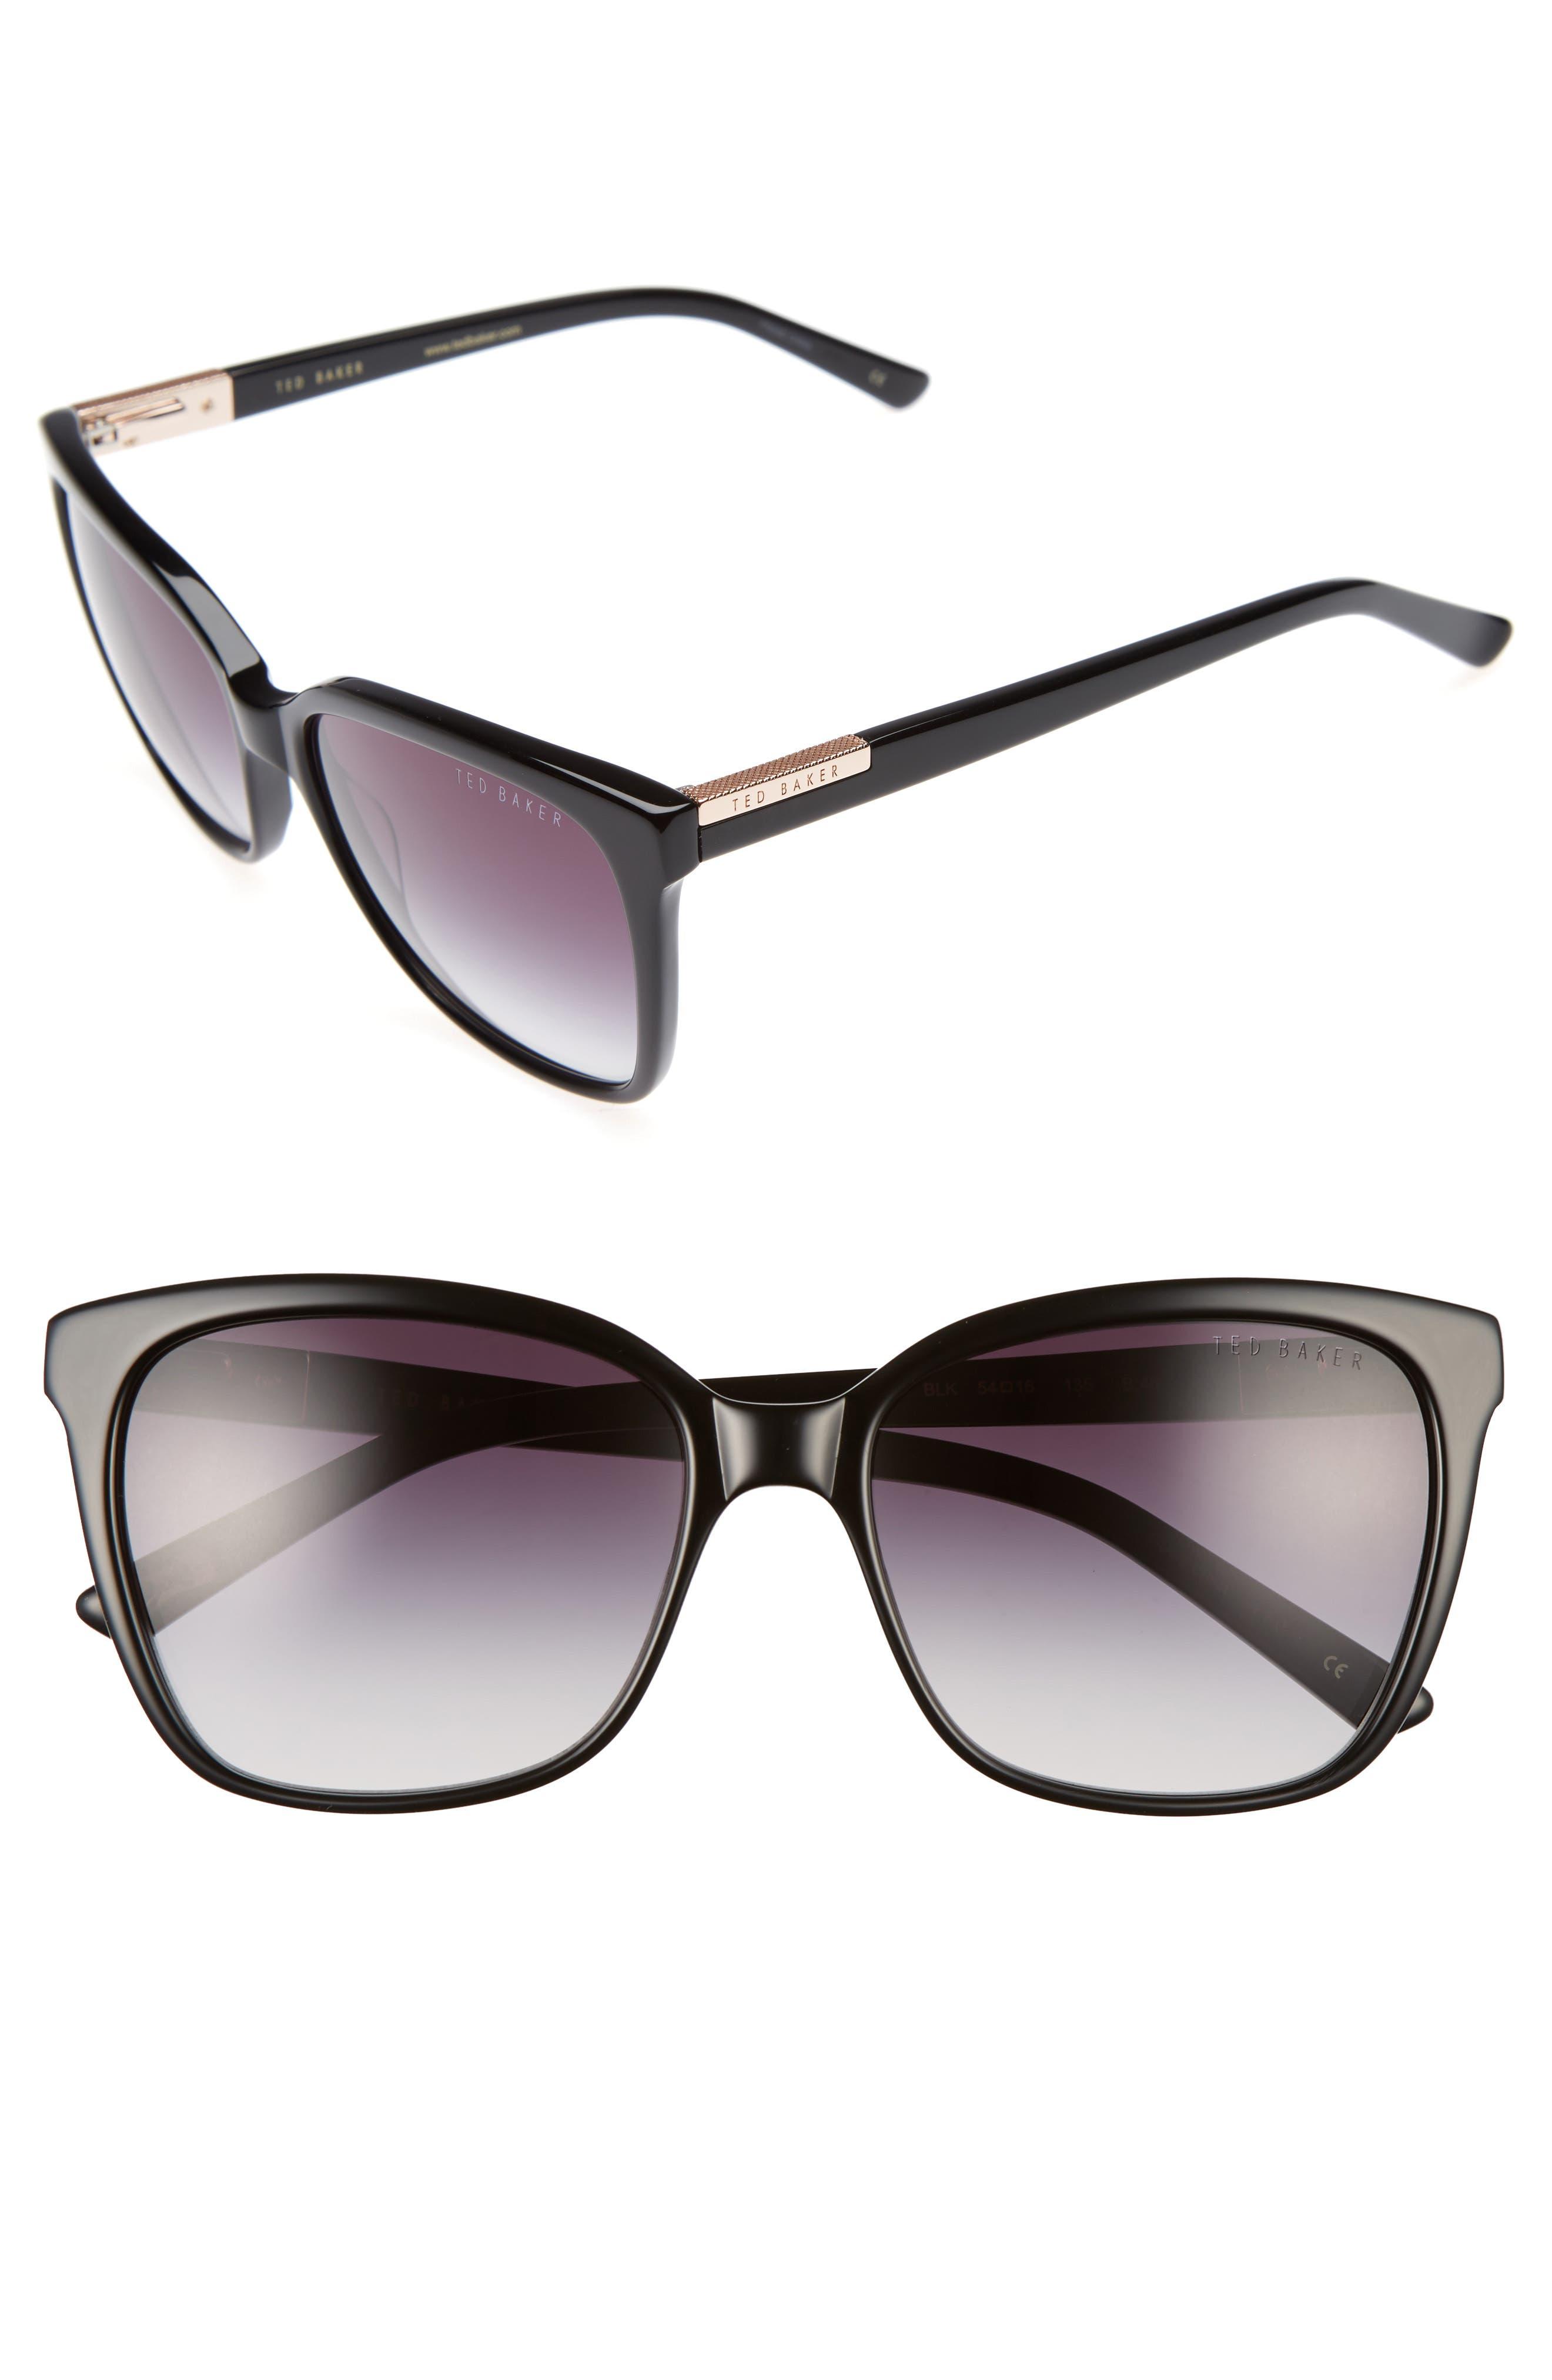 54mm Gradient Lens Square Sunglasses,                         Main,                         color, 001